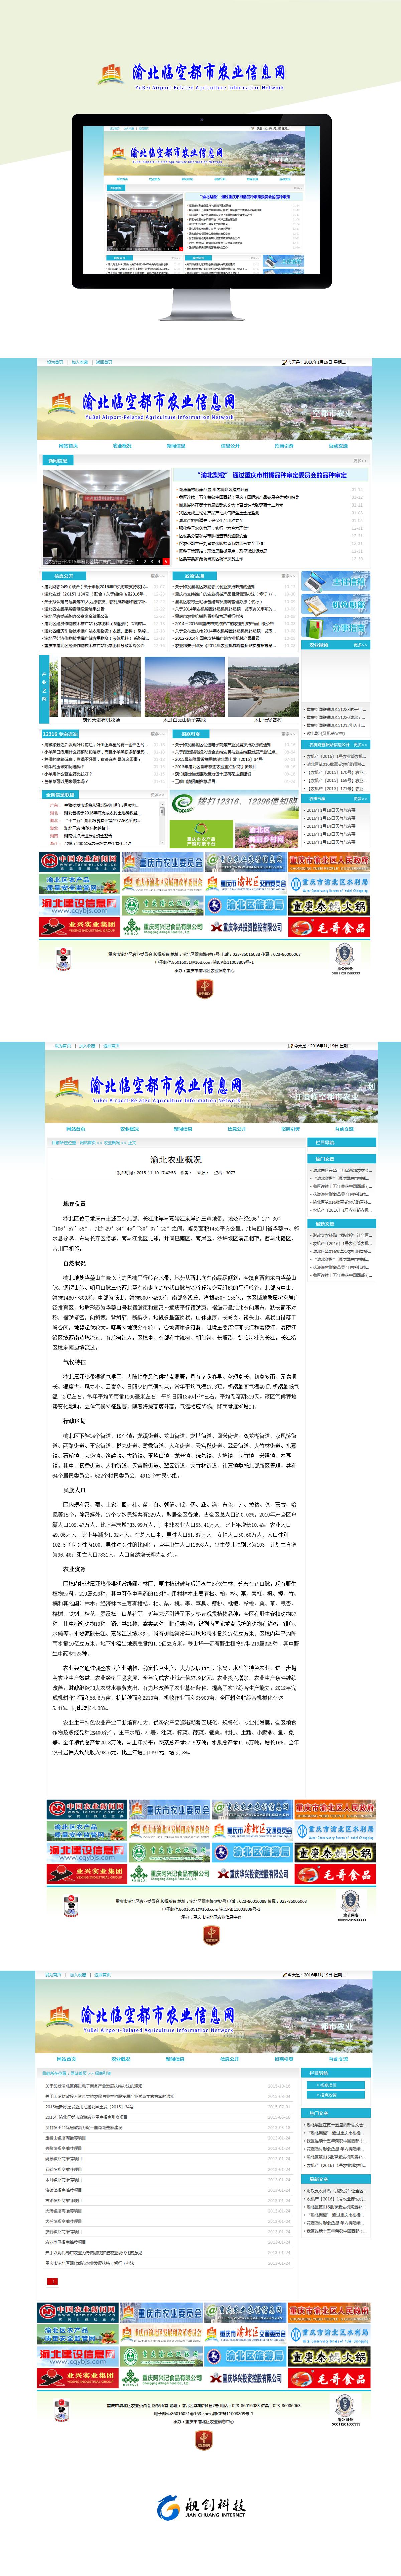 渝北区农业农村信息网首页